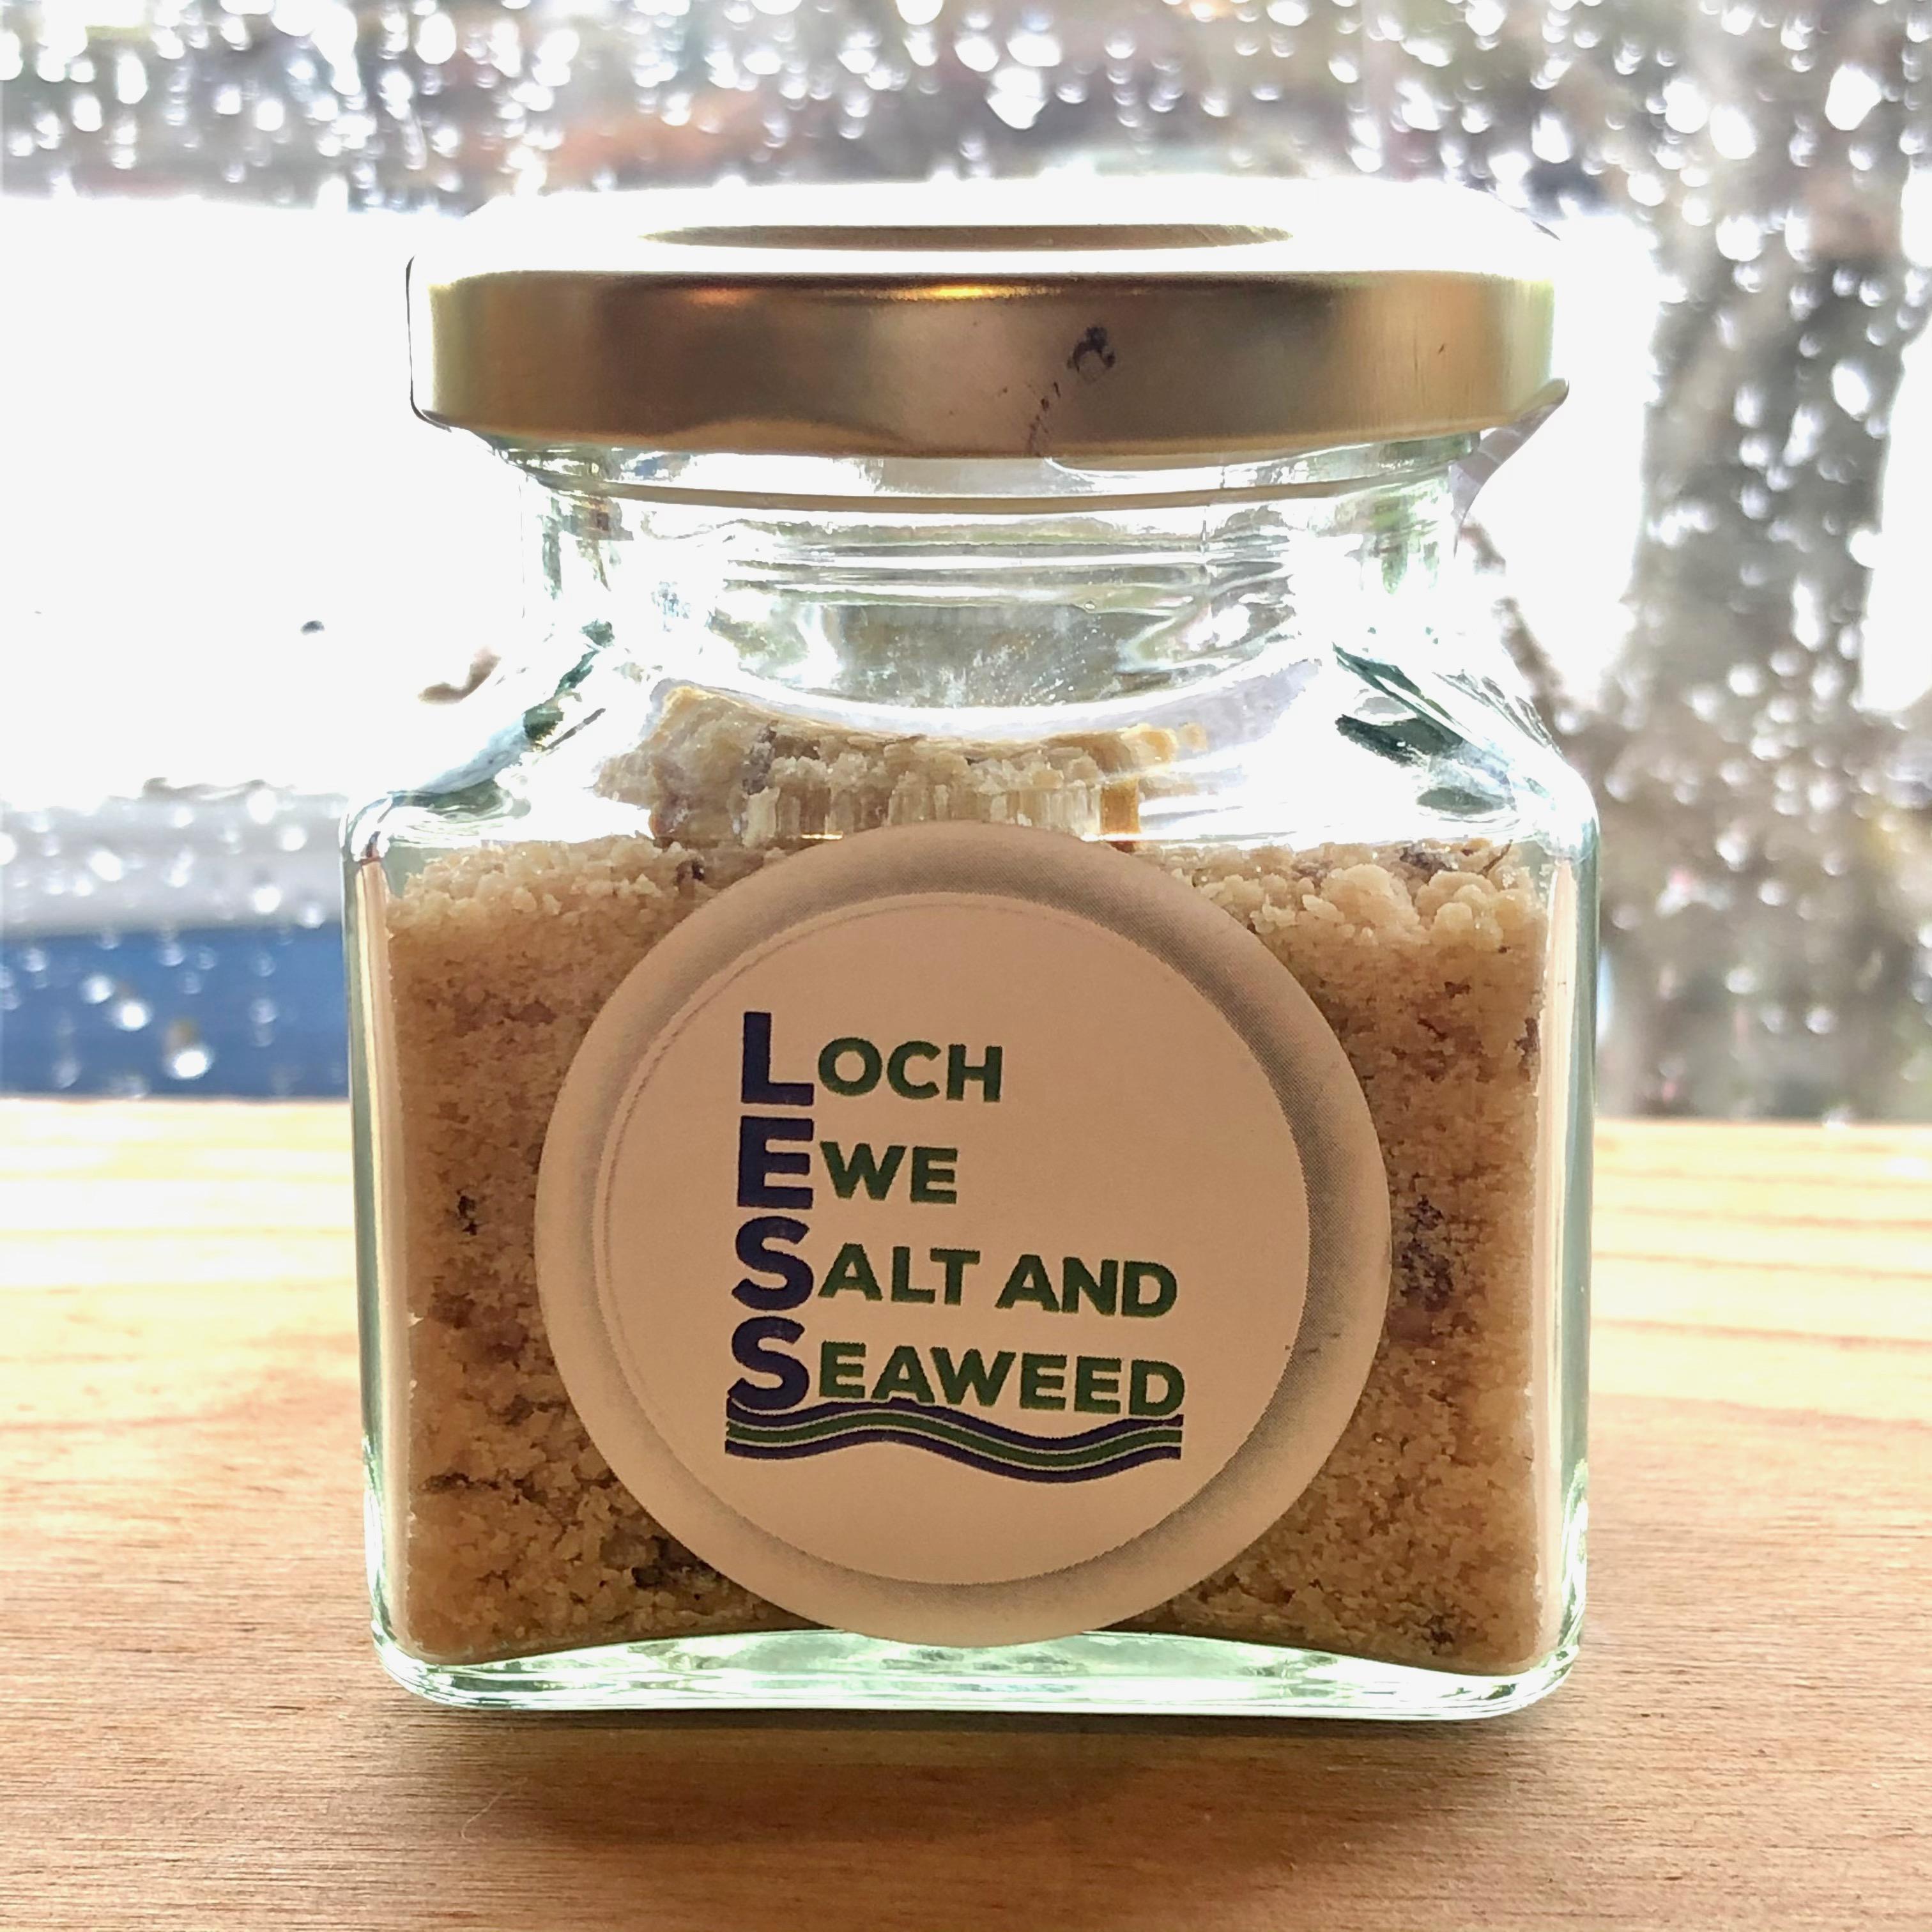 Loch Ewe Sea Salt Jar 75g: Lemon Sea Salt